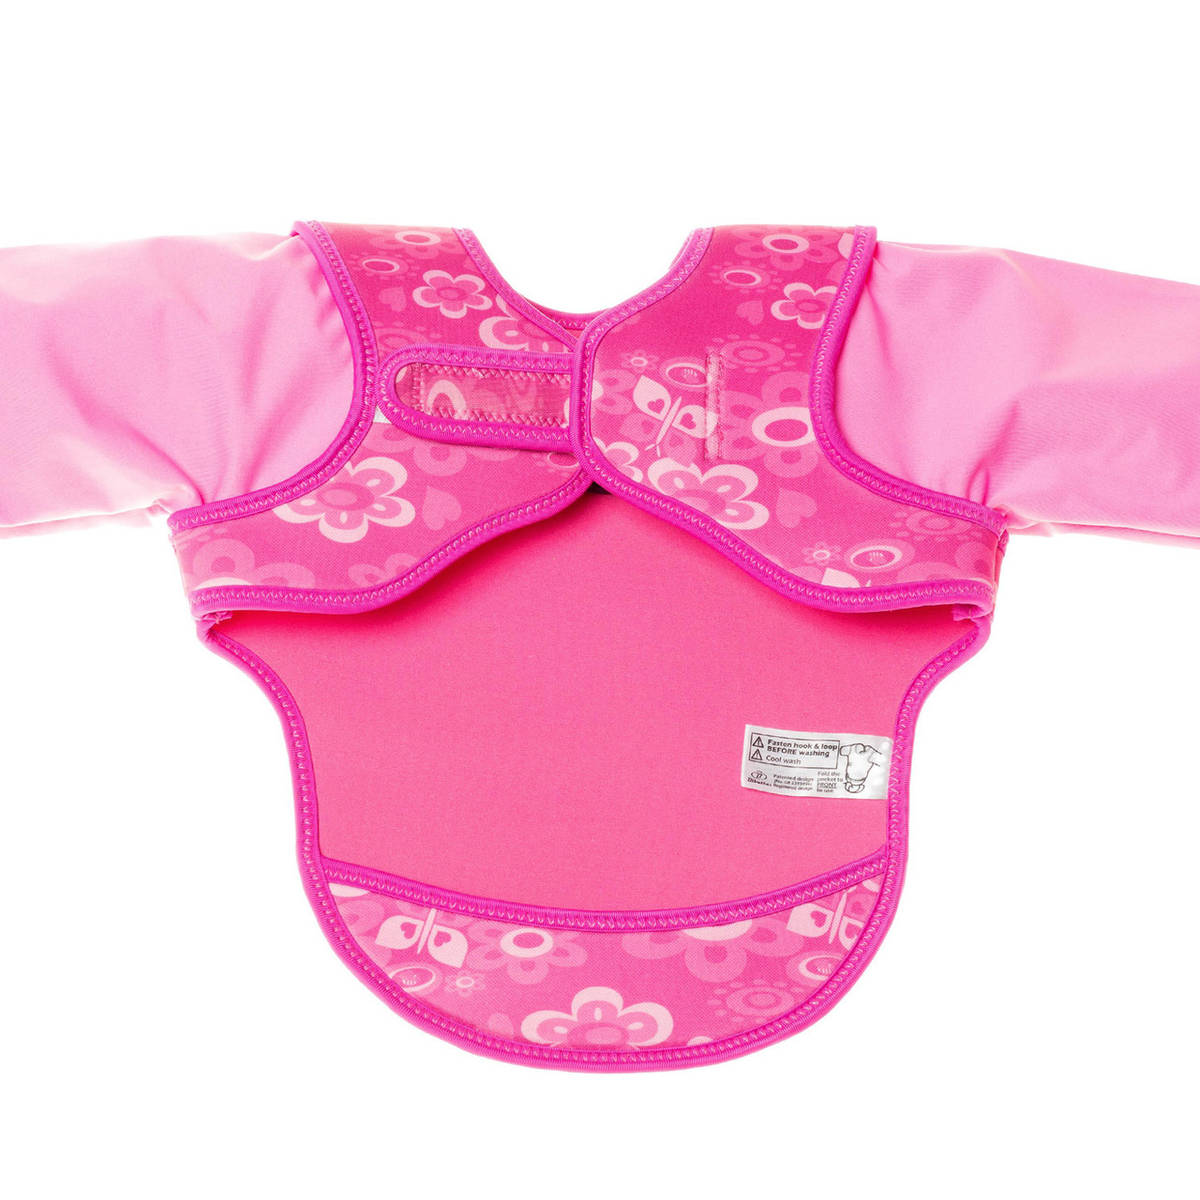 Pinkki - Ruokalaput hihoilla - 4547763202 - 3